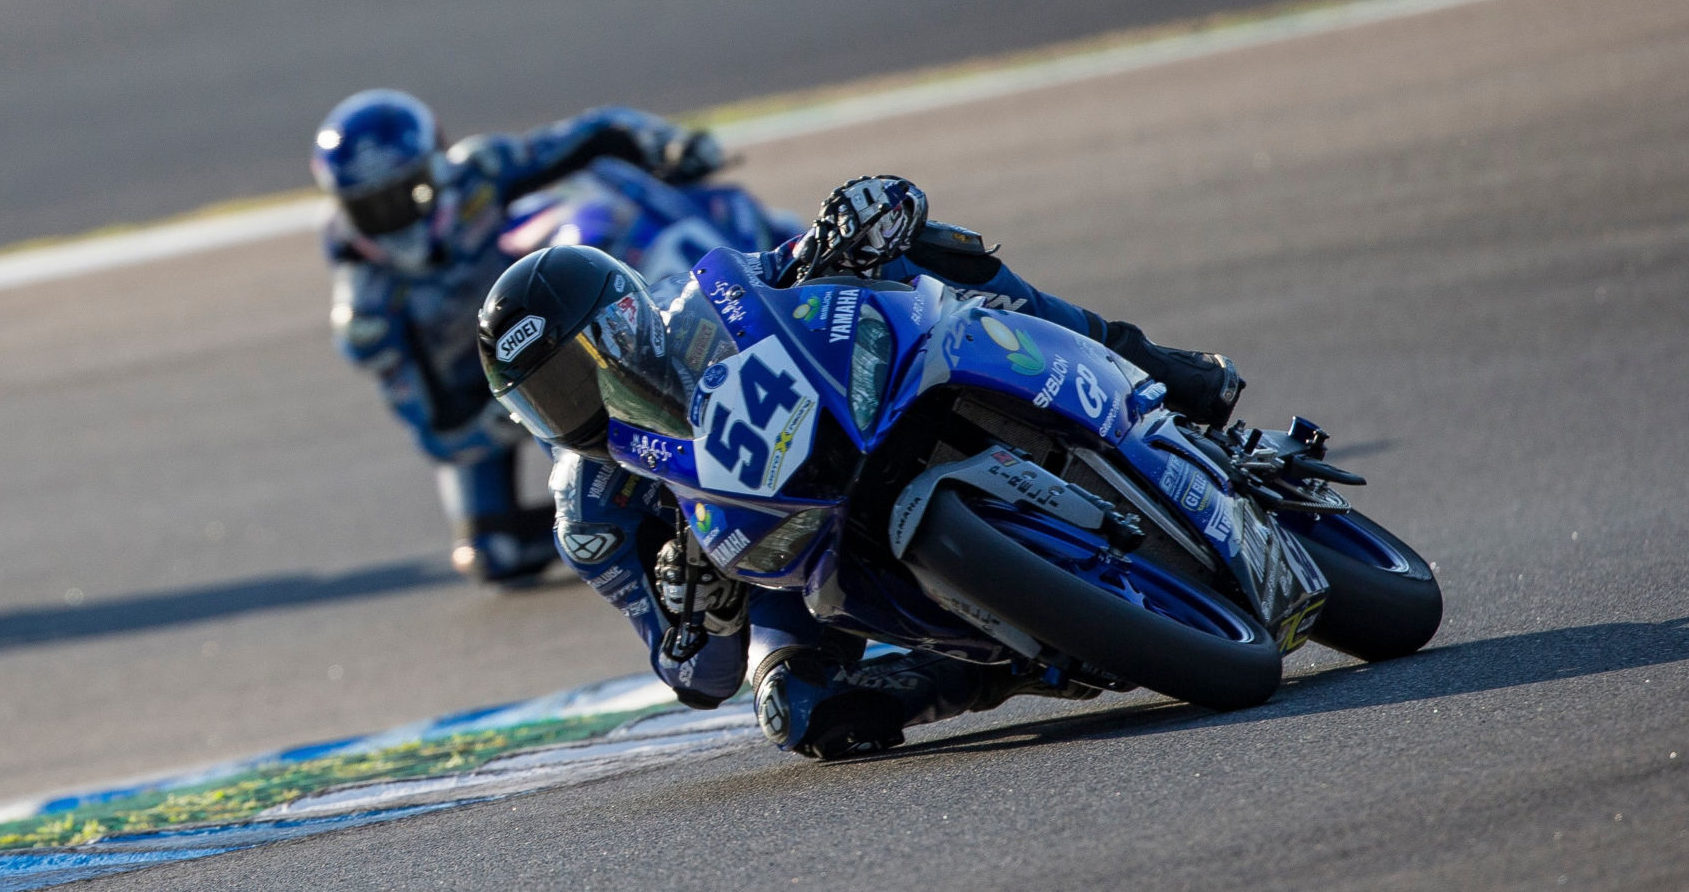 Yamaha bLU cRU rider Bahattin Sofuoglu (54) in action. Photo courtesy Yamaha Motor Europe.